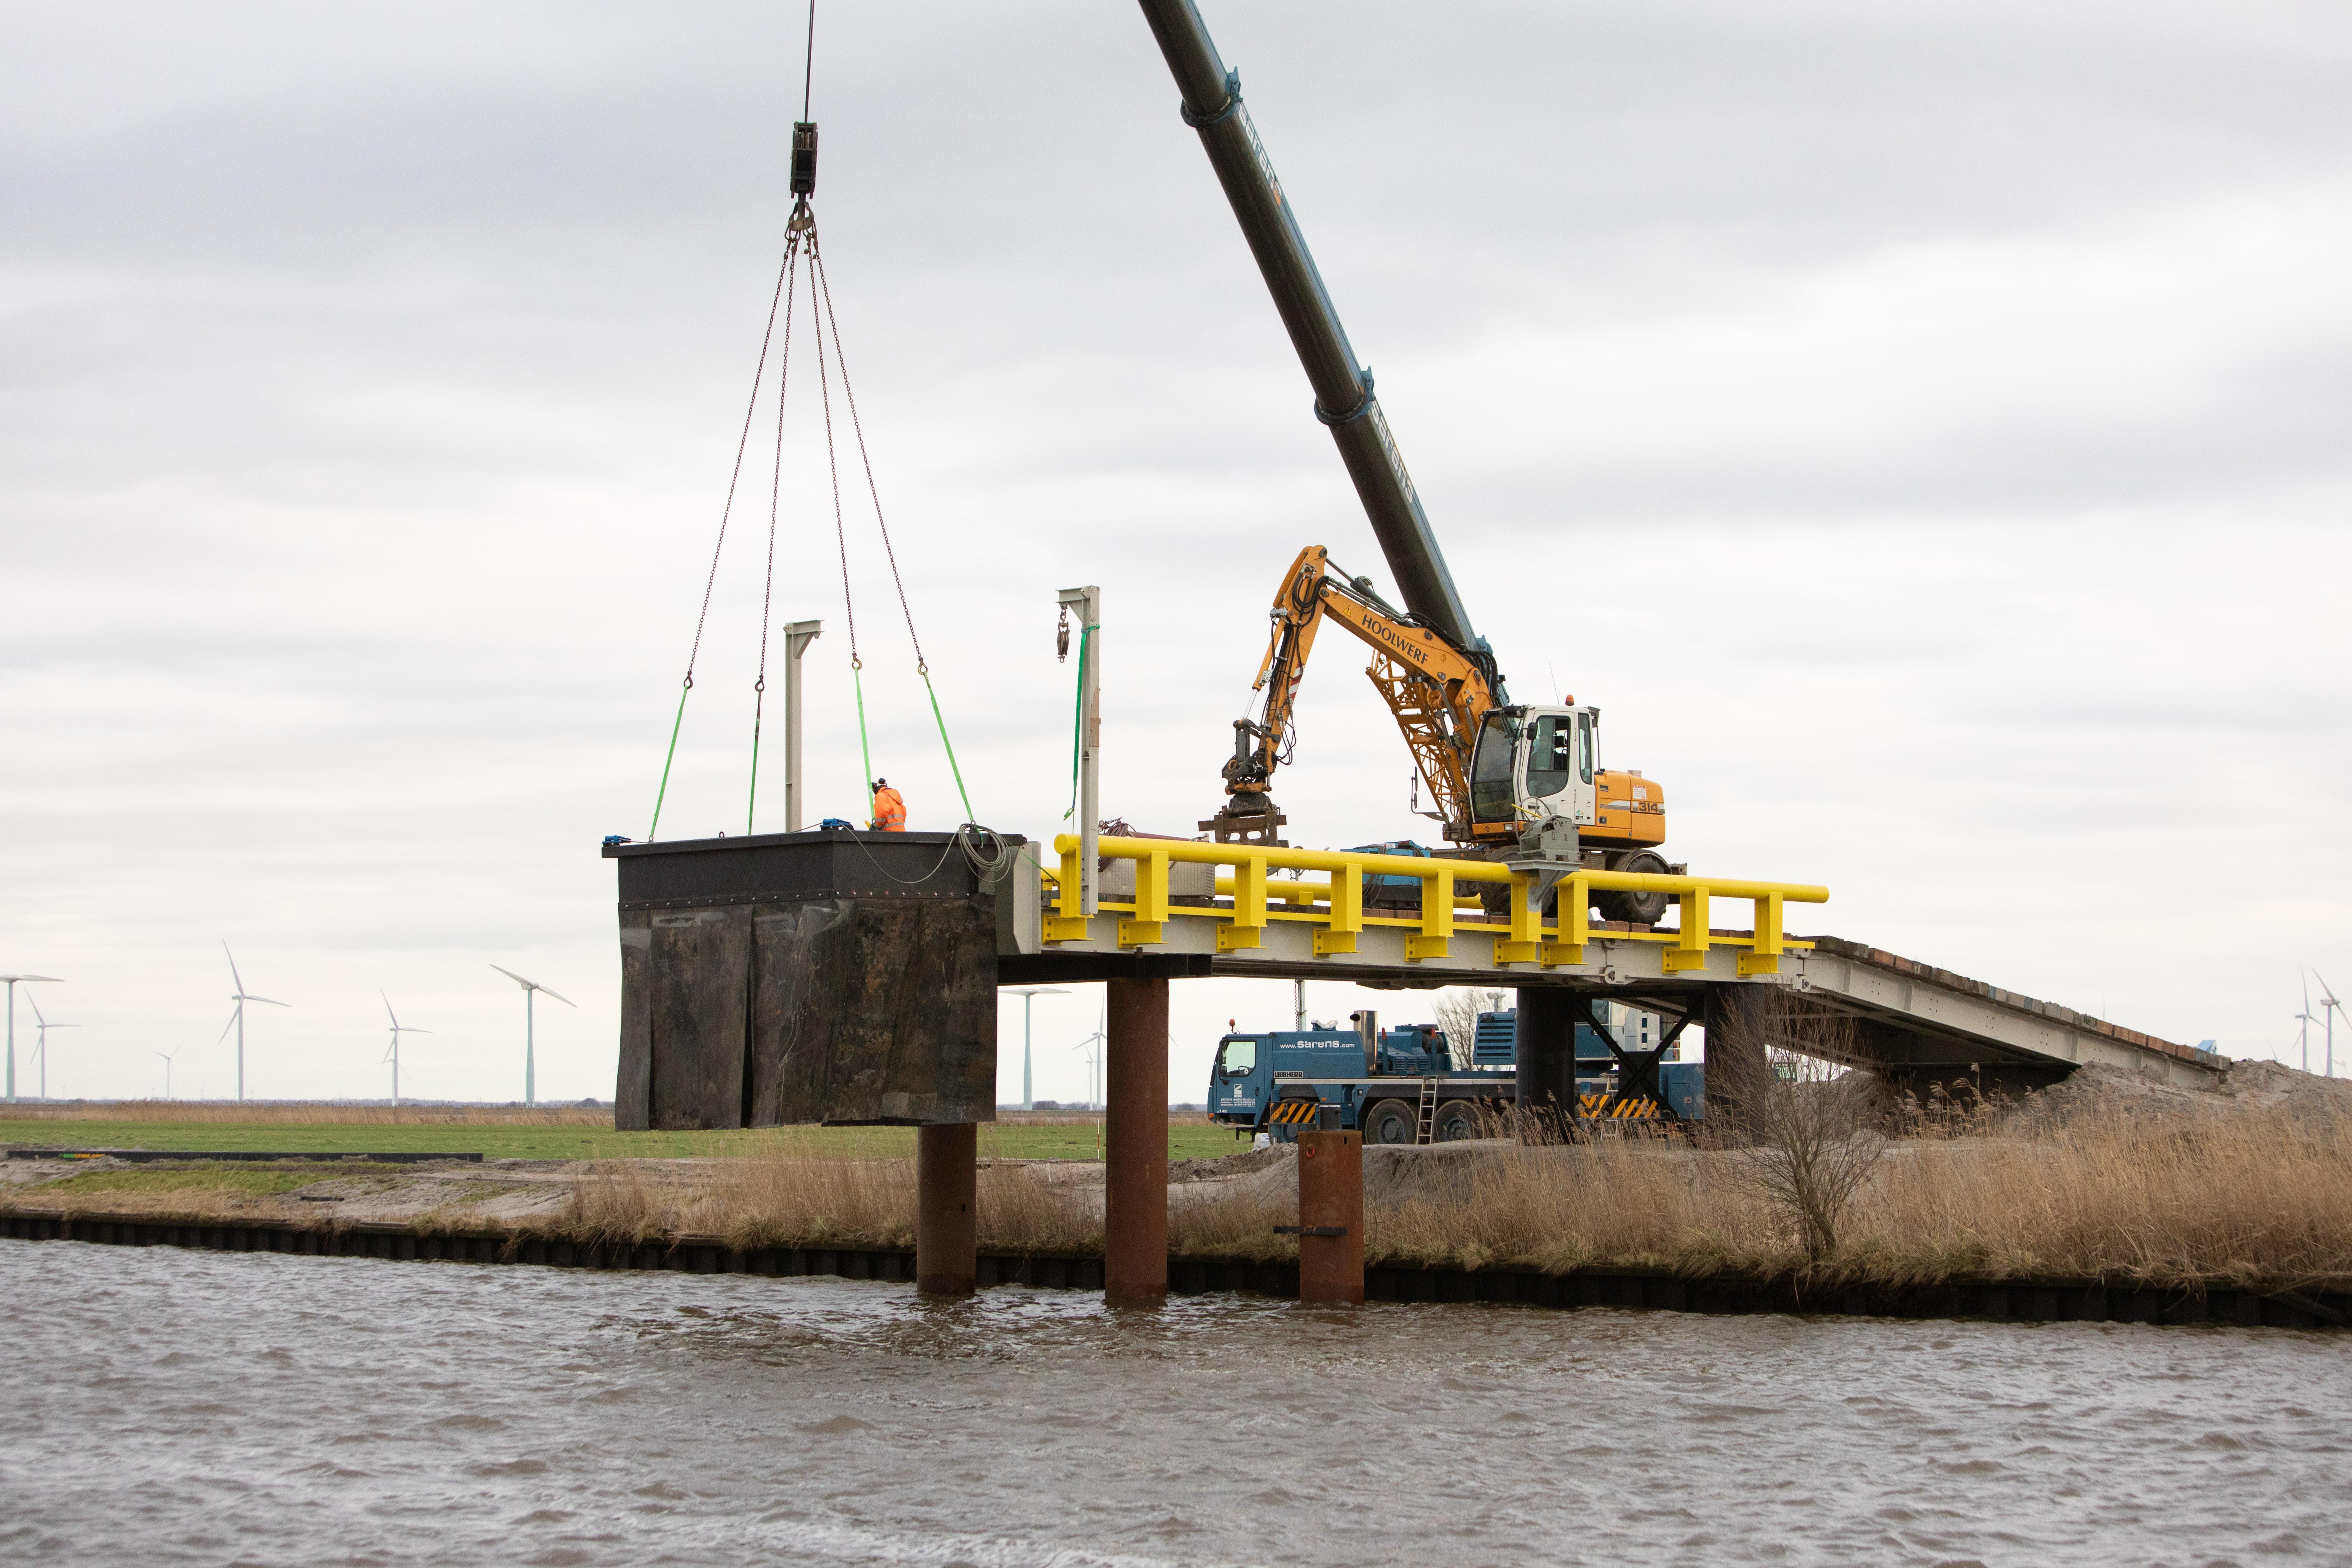 Tijdelijk laad- en losperron in de monding van de Eem voor afvoer van 40.000 vrachtwagenladingen aan vervuilde grond Westdijk bij Spakenburg; Vrachtwagens over noodweg door de weilanden